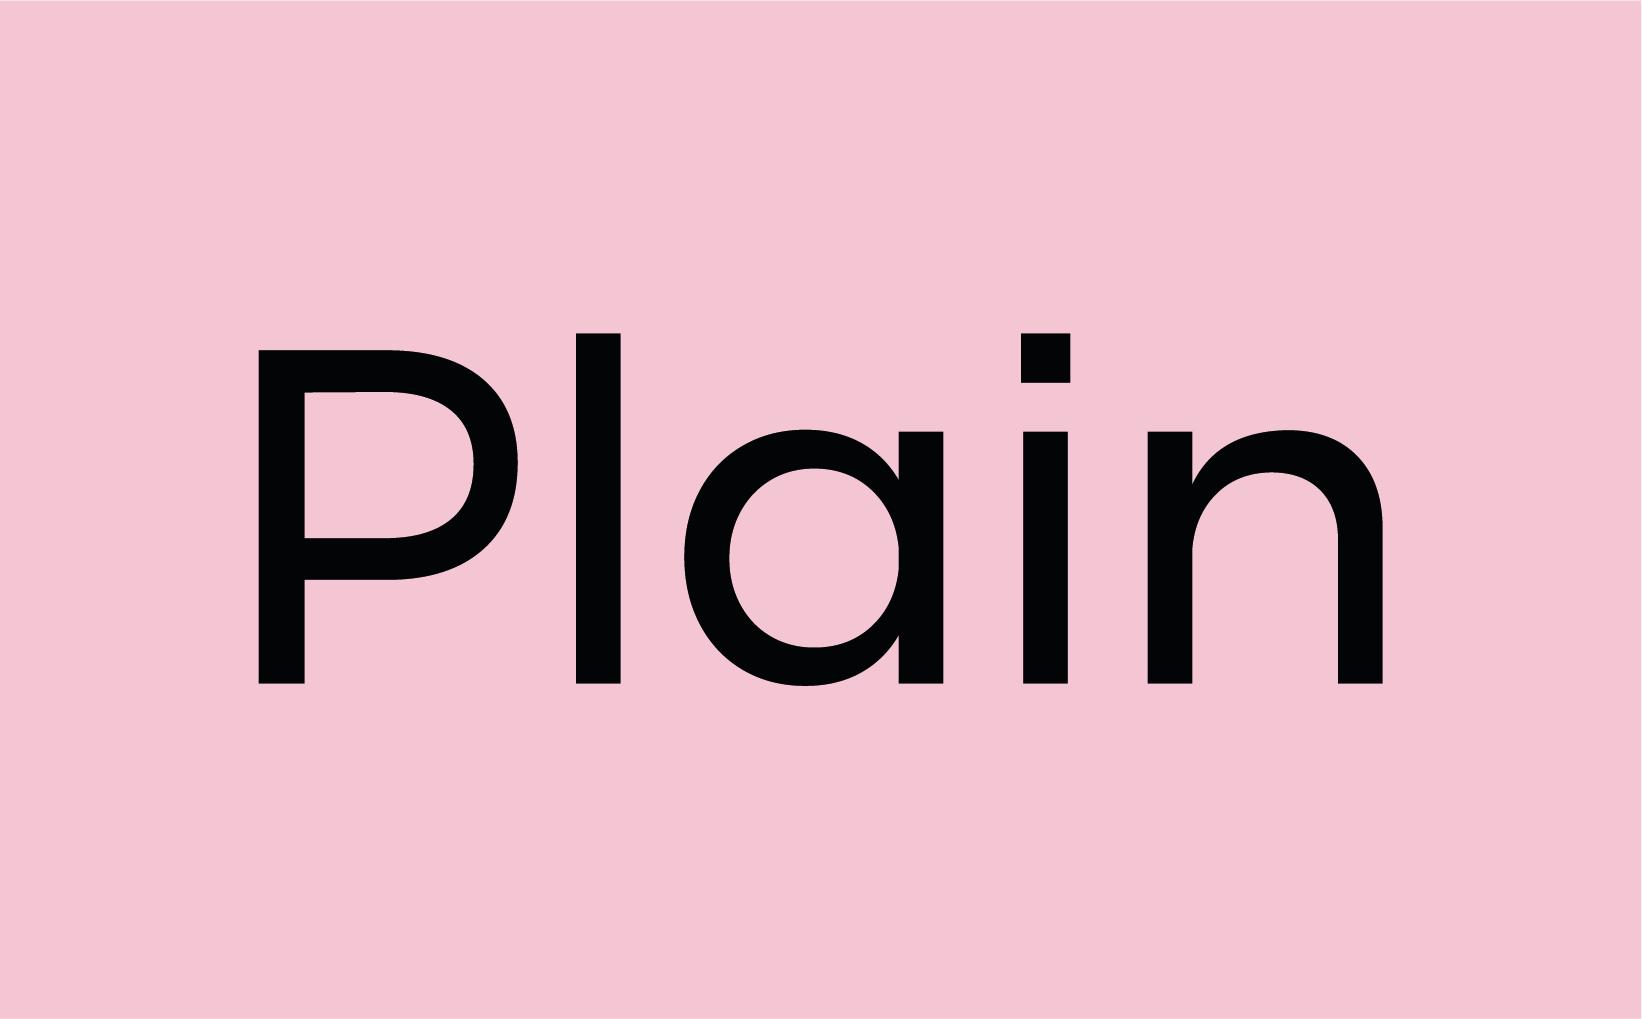 bp_plain_bp_plain_logo_on_color